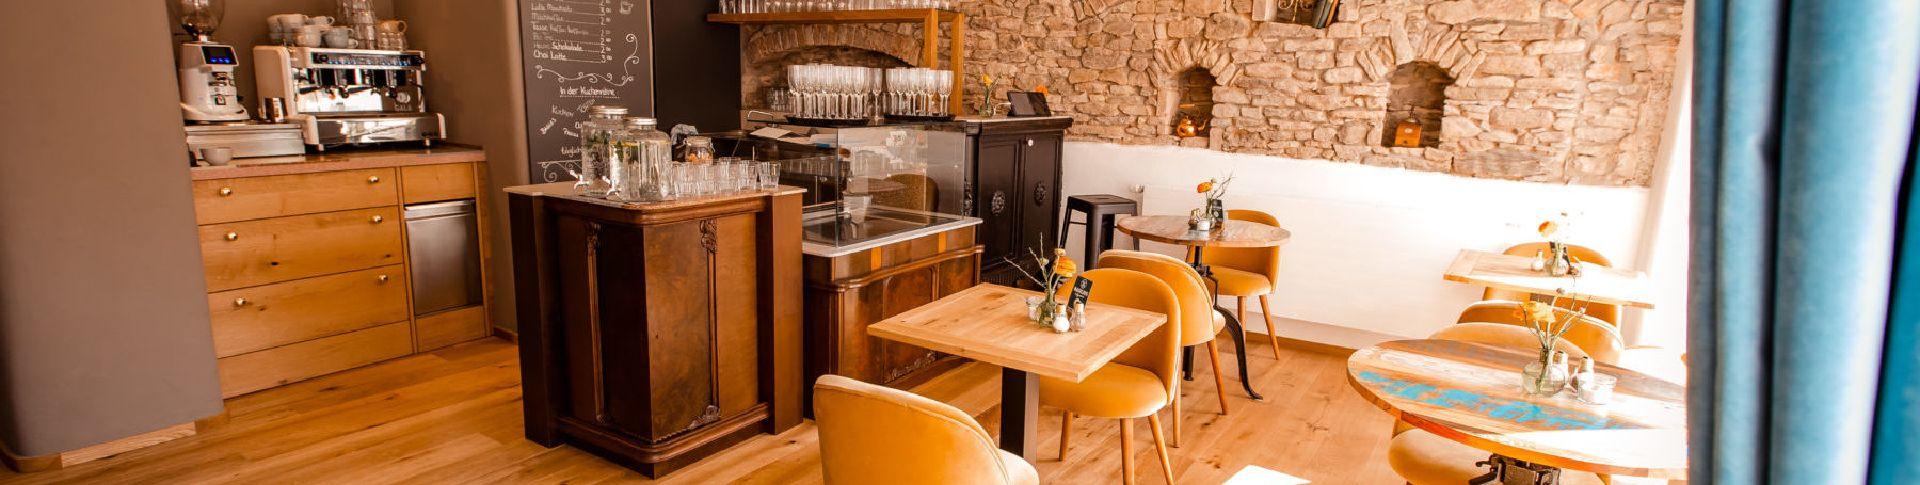 Ein gemütliches Café im Herzen der Stadt.